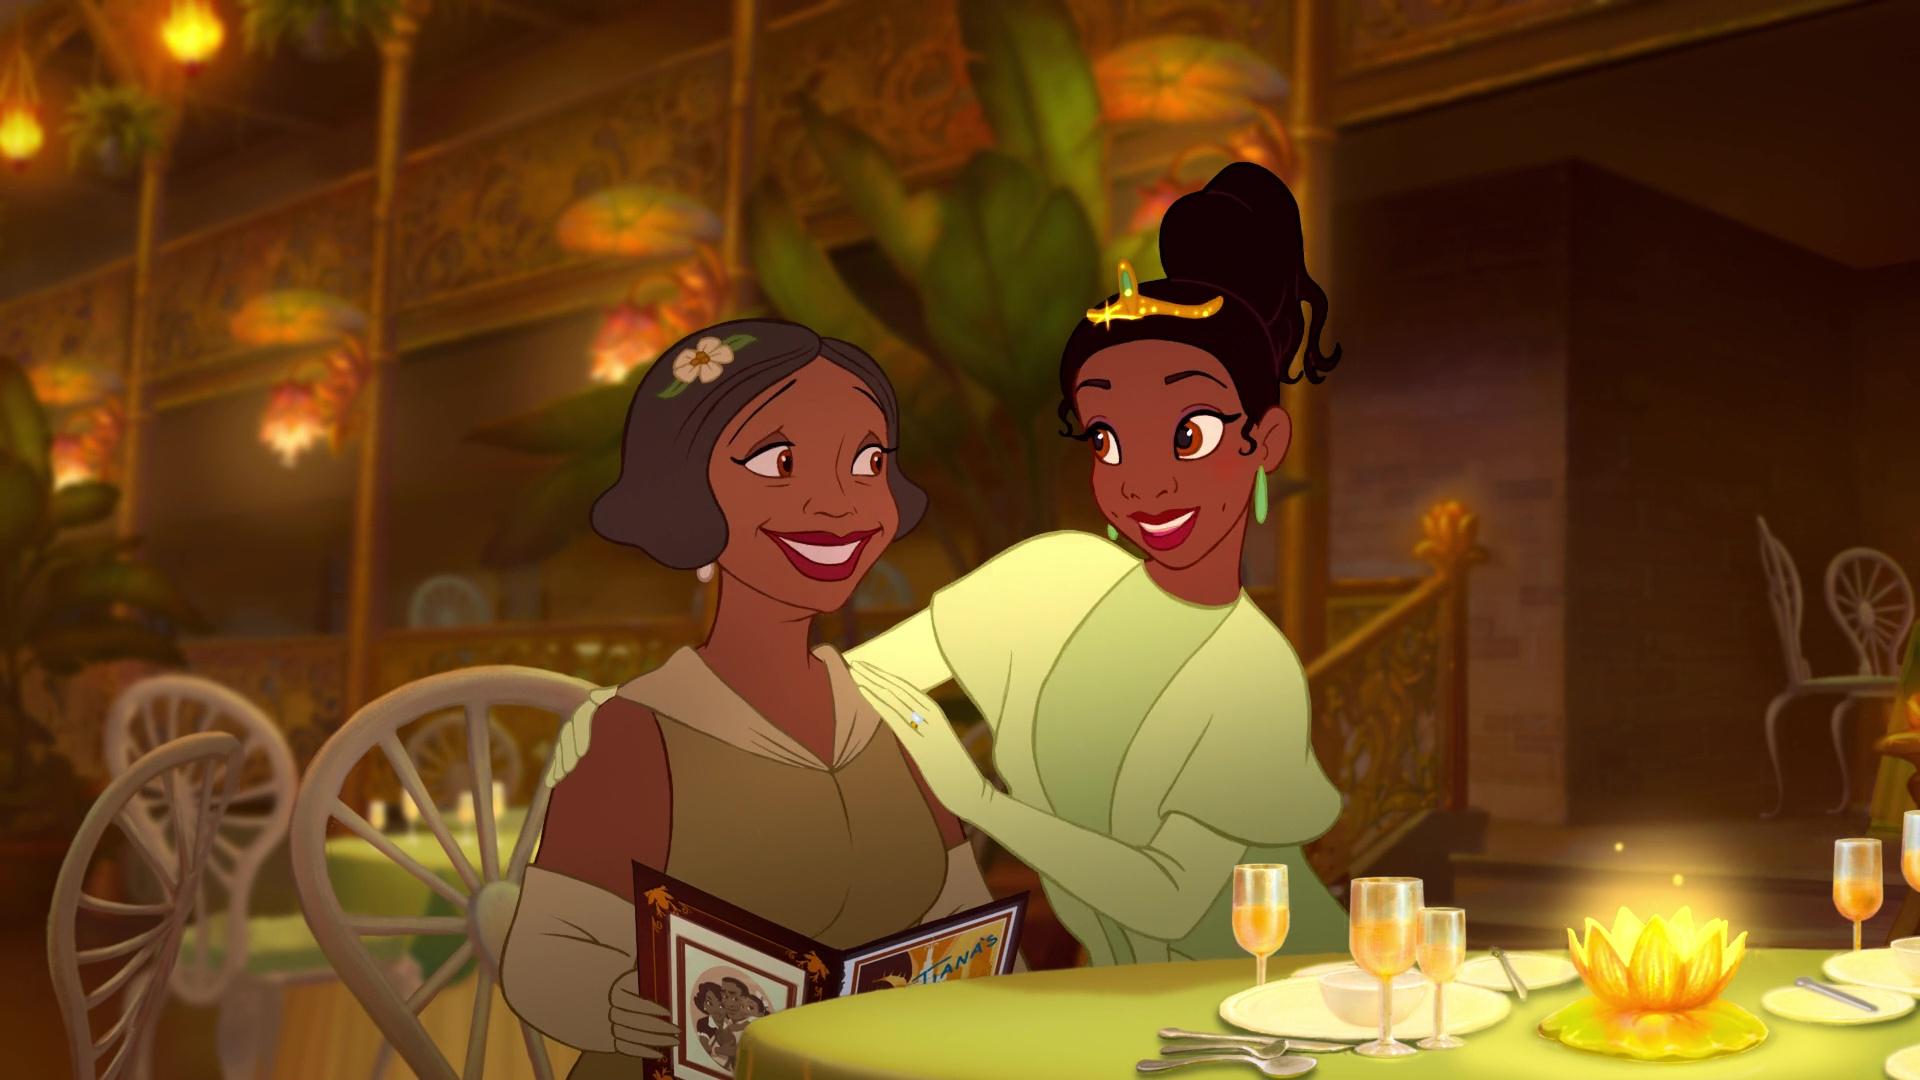 Eudora personnage dans la princesse et la grenouille - La princesse et la grnouille ...